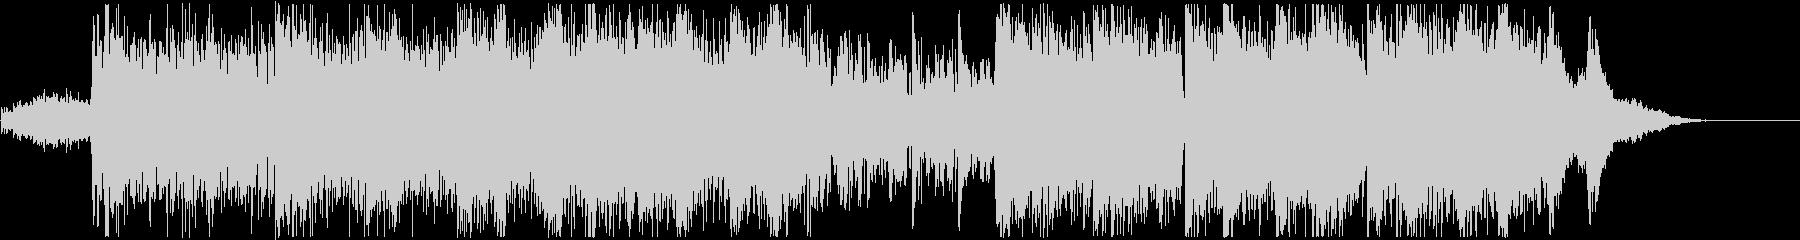 現代的なエレクトロビートとピアノの音色での未再生の波形